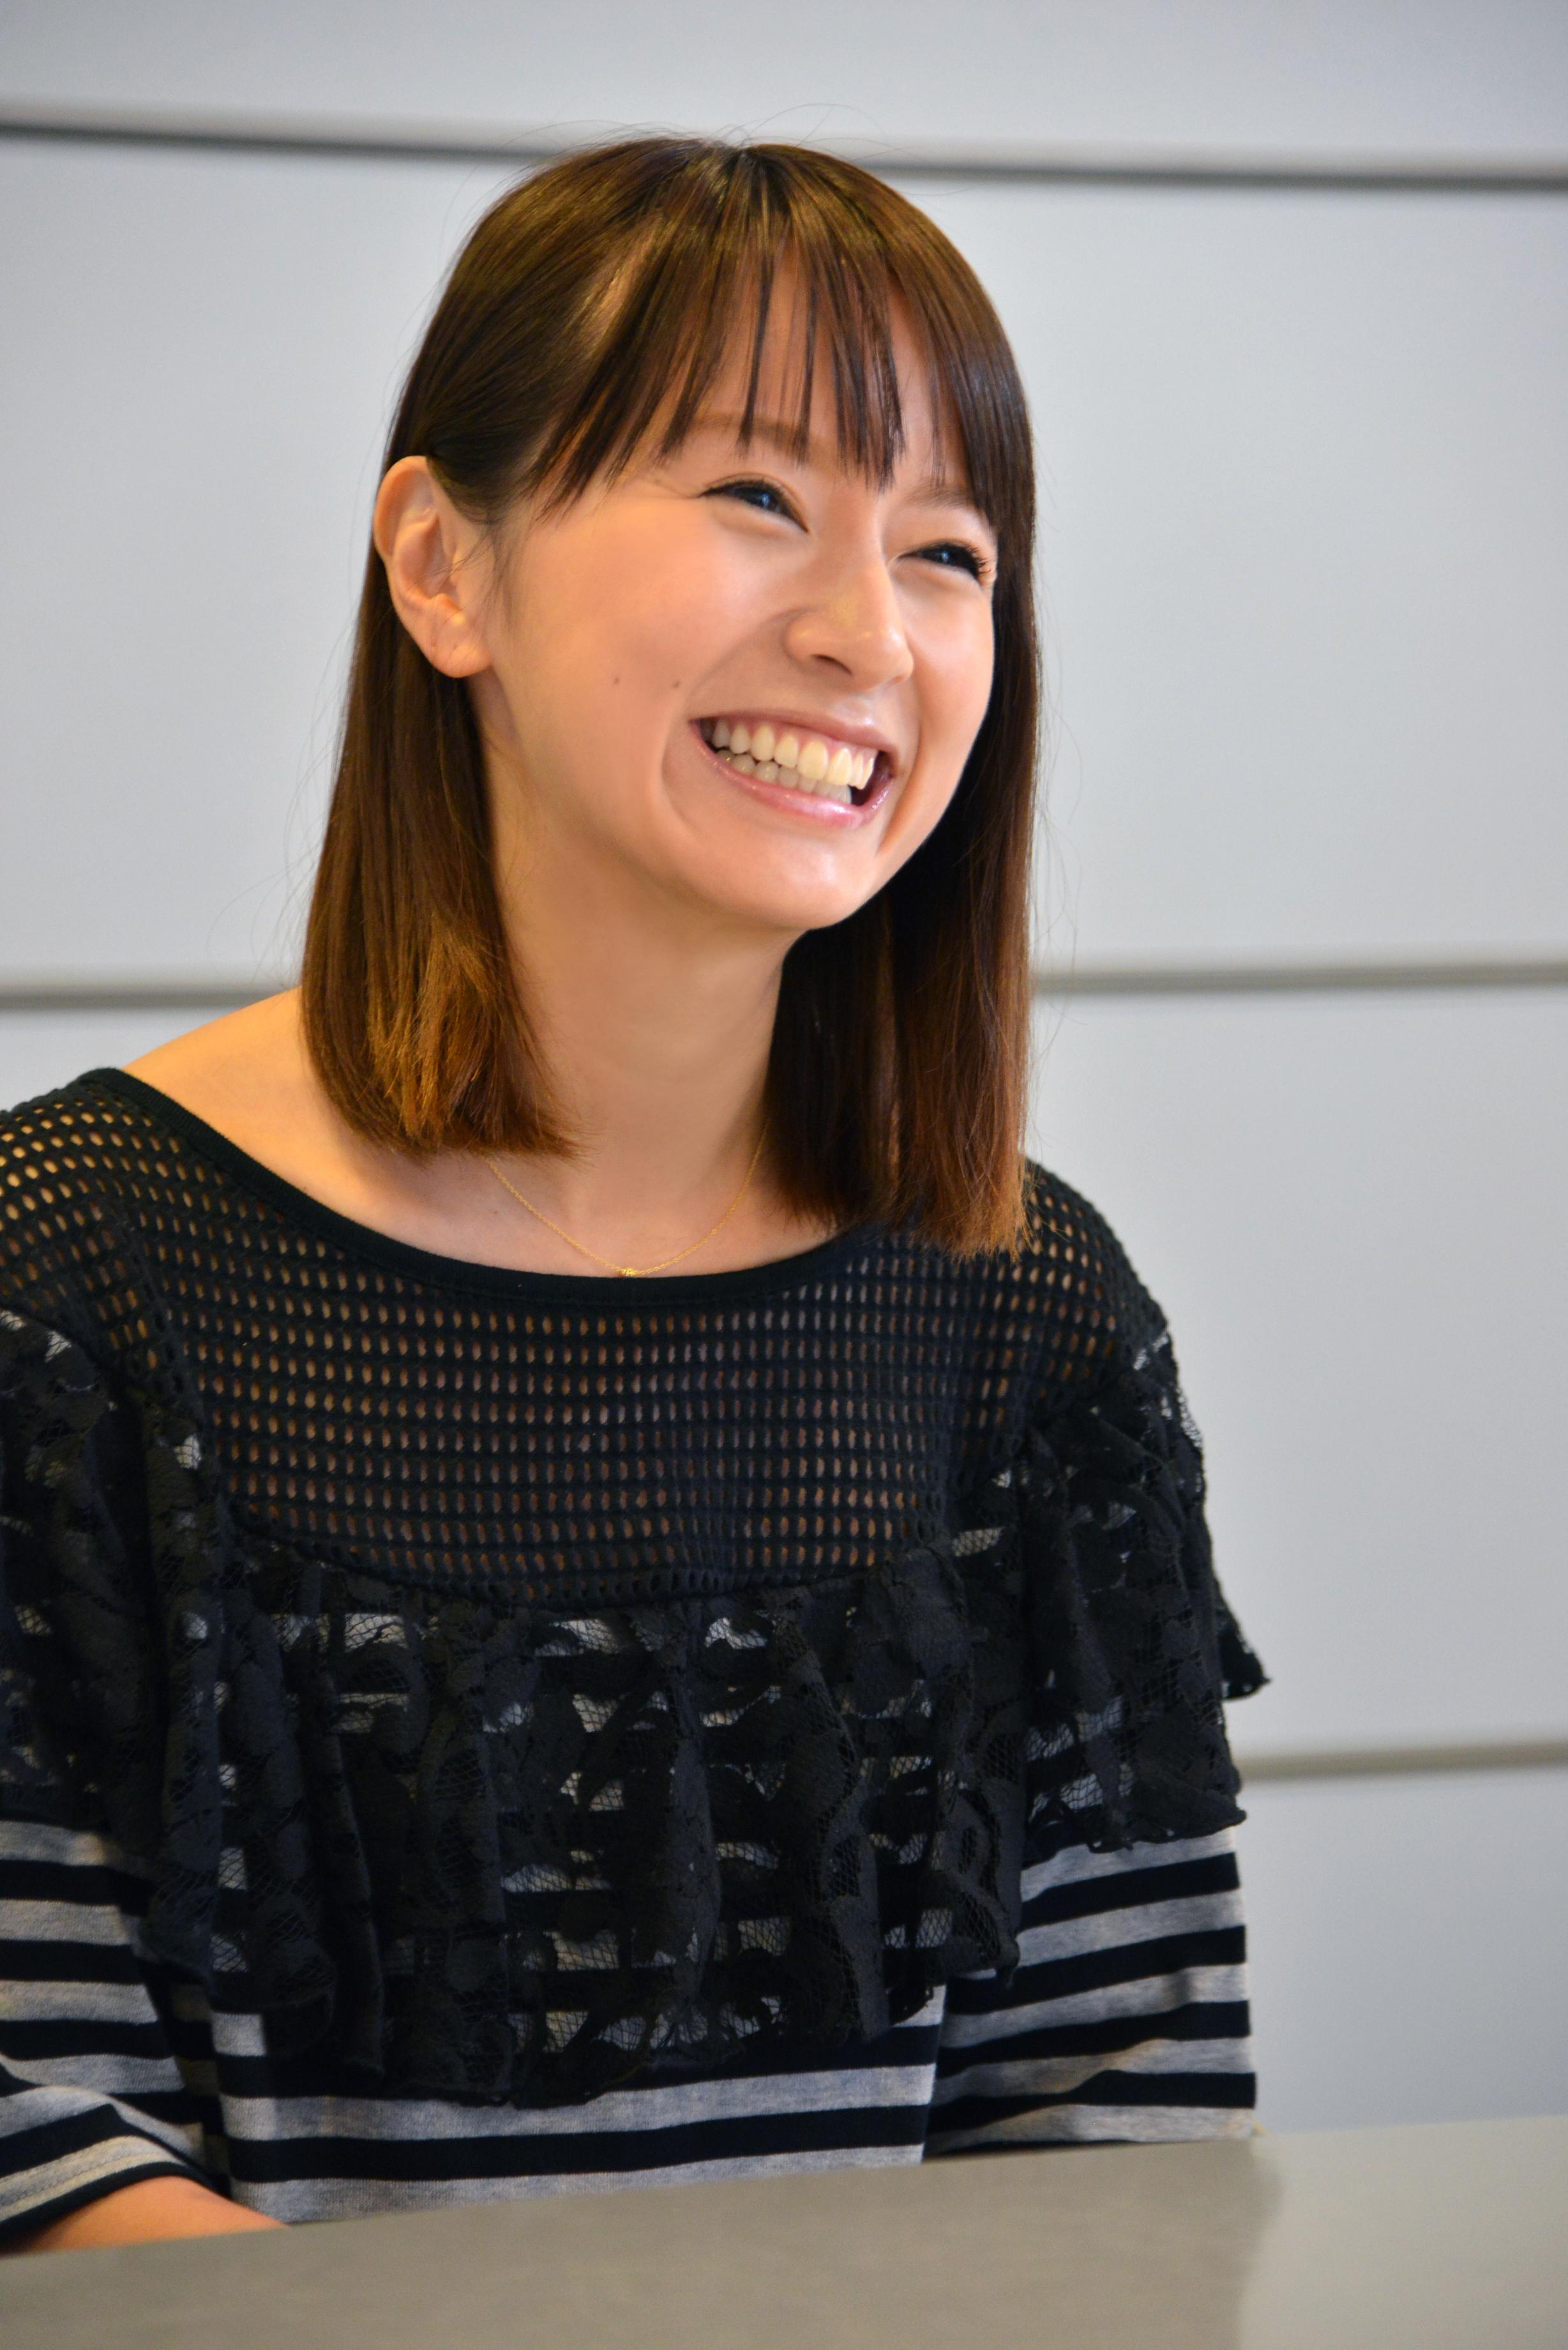 アンジーナ的生き方:アーティスト鈴木亜美 ① ~デビュー15周年。歌手としてDJとして~